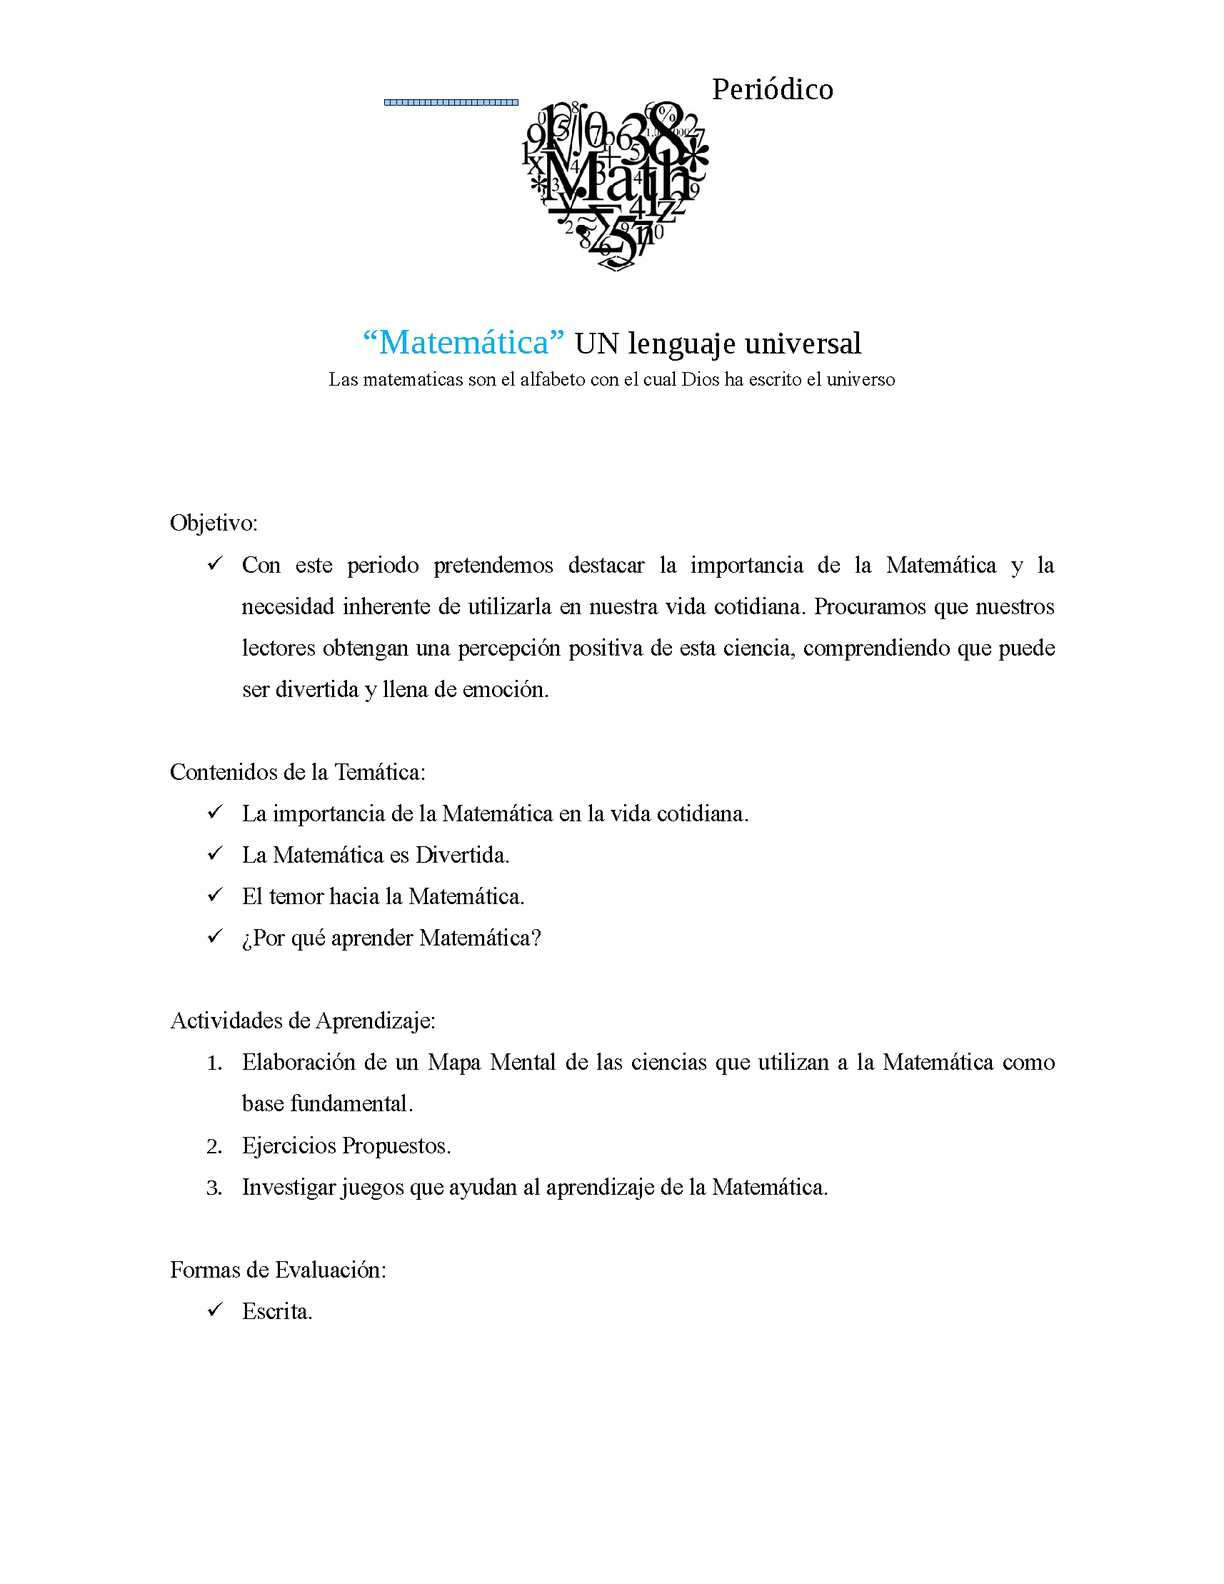 Calameo Matematica Un Lenguaje Universal Periodico